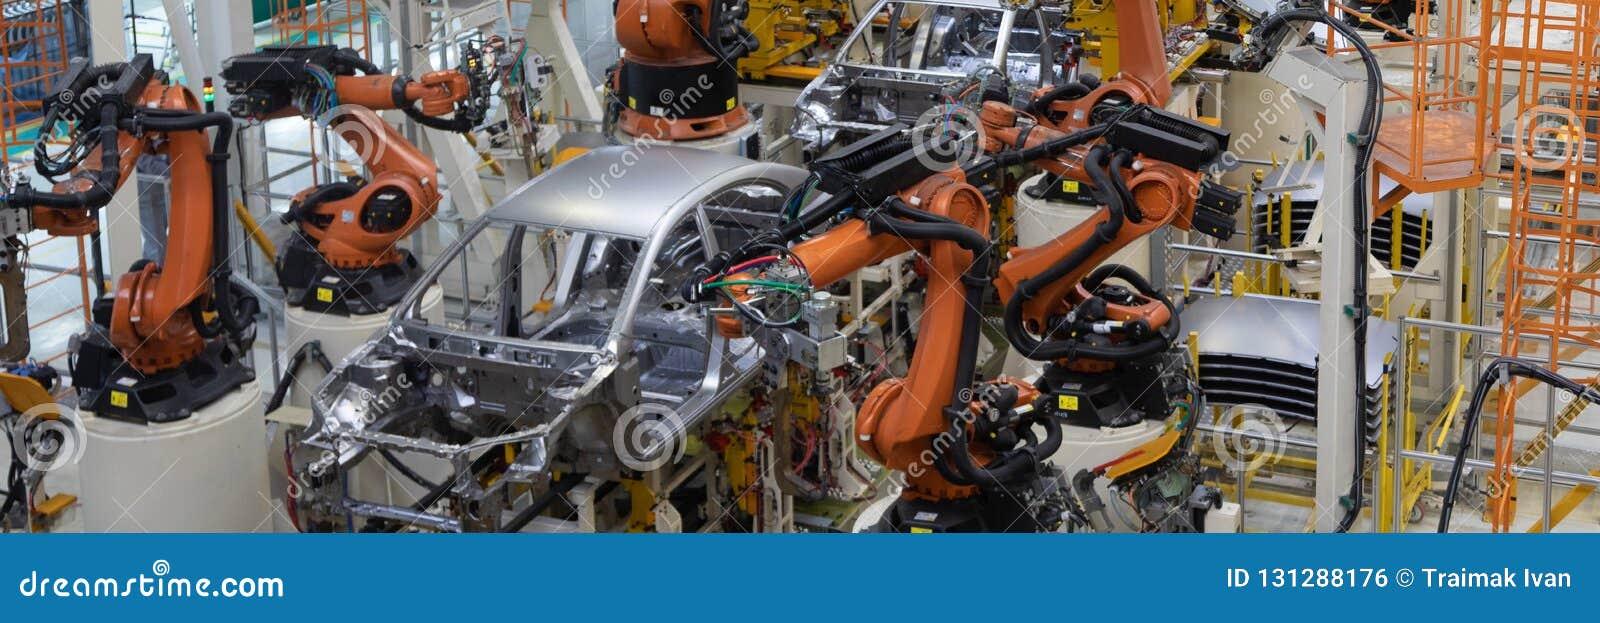 Lassen van autolichaam Automobielproductielijn Lang formaat Breed kader